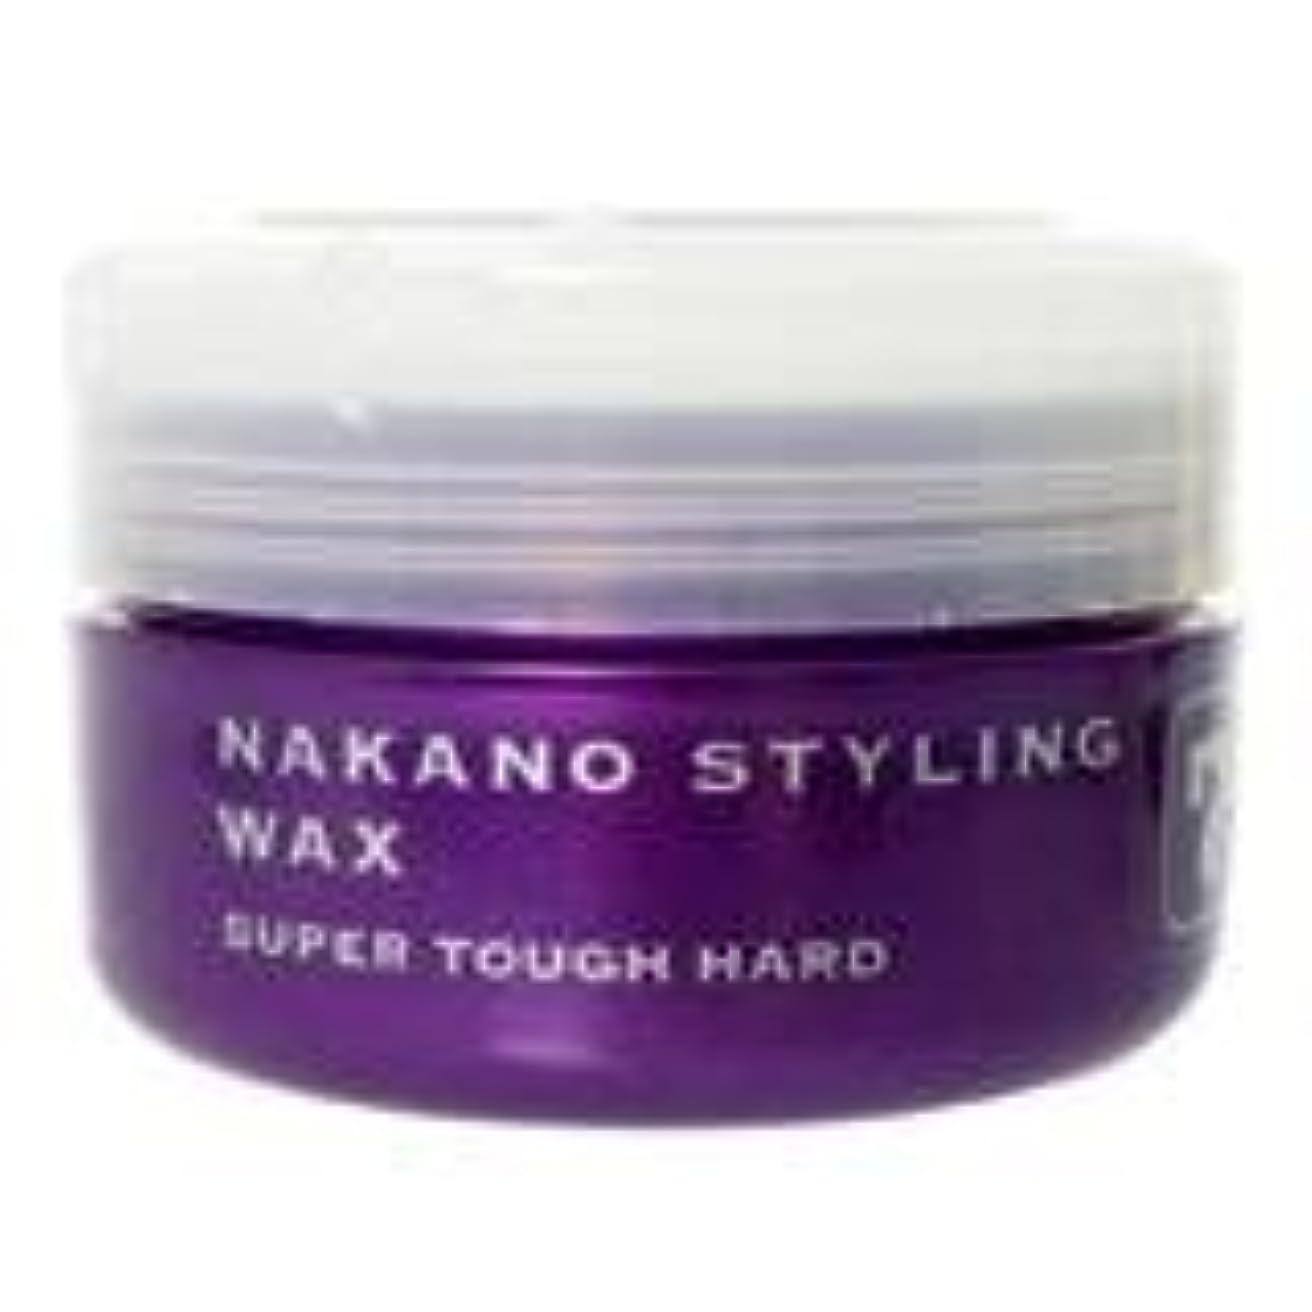 有限エスカレートカフェナカノ スタイリングワックス 7 スーパータフハード 90g 中野製薬 NAKANO